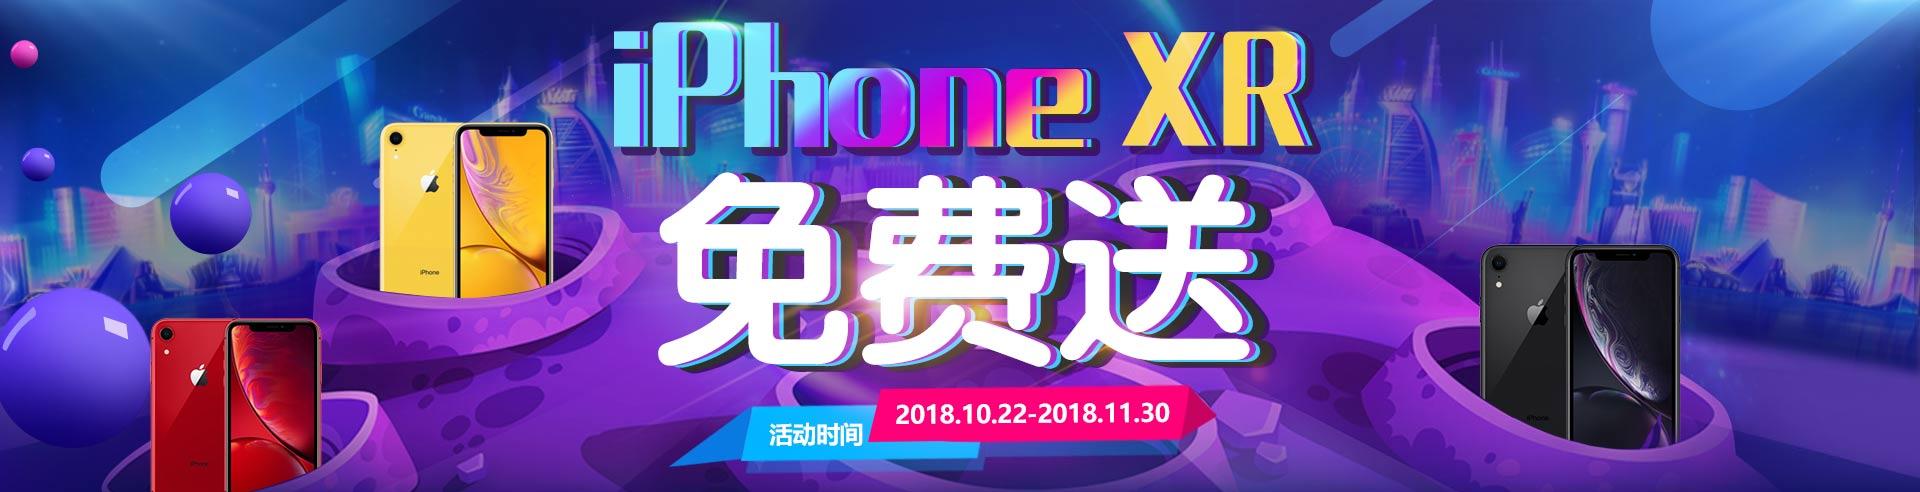 0元购iPhone XR